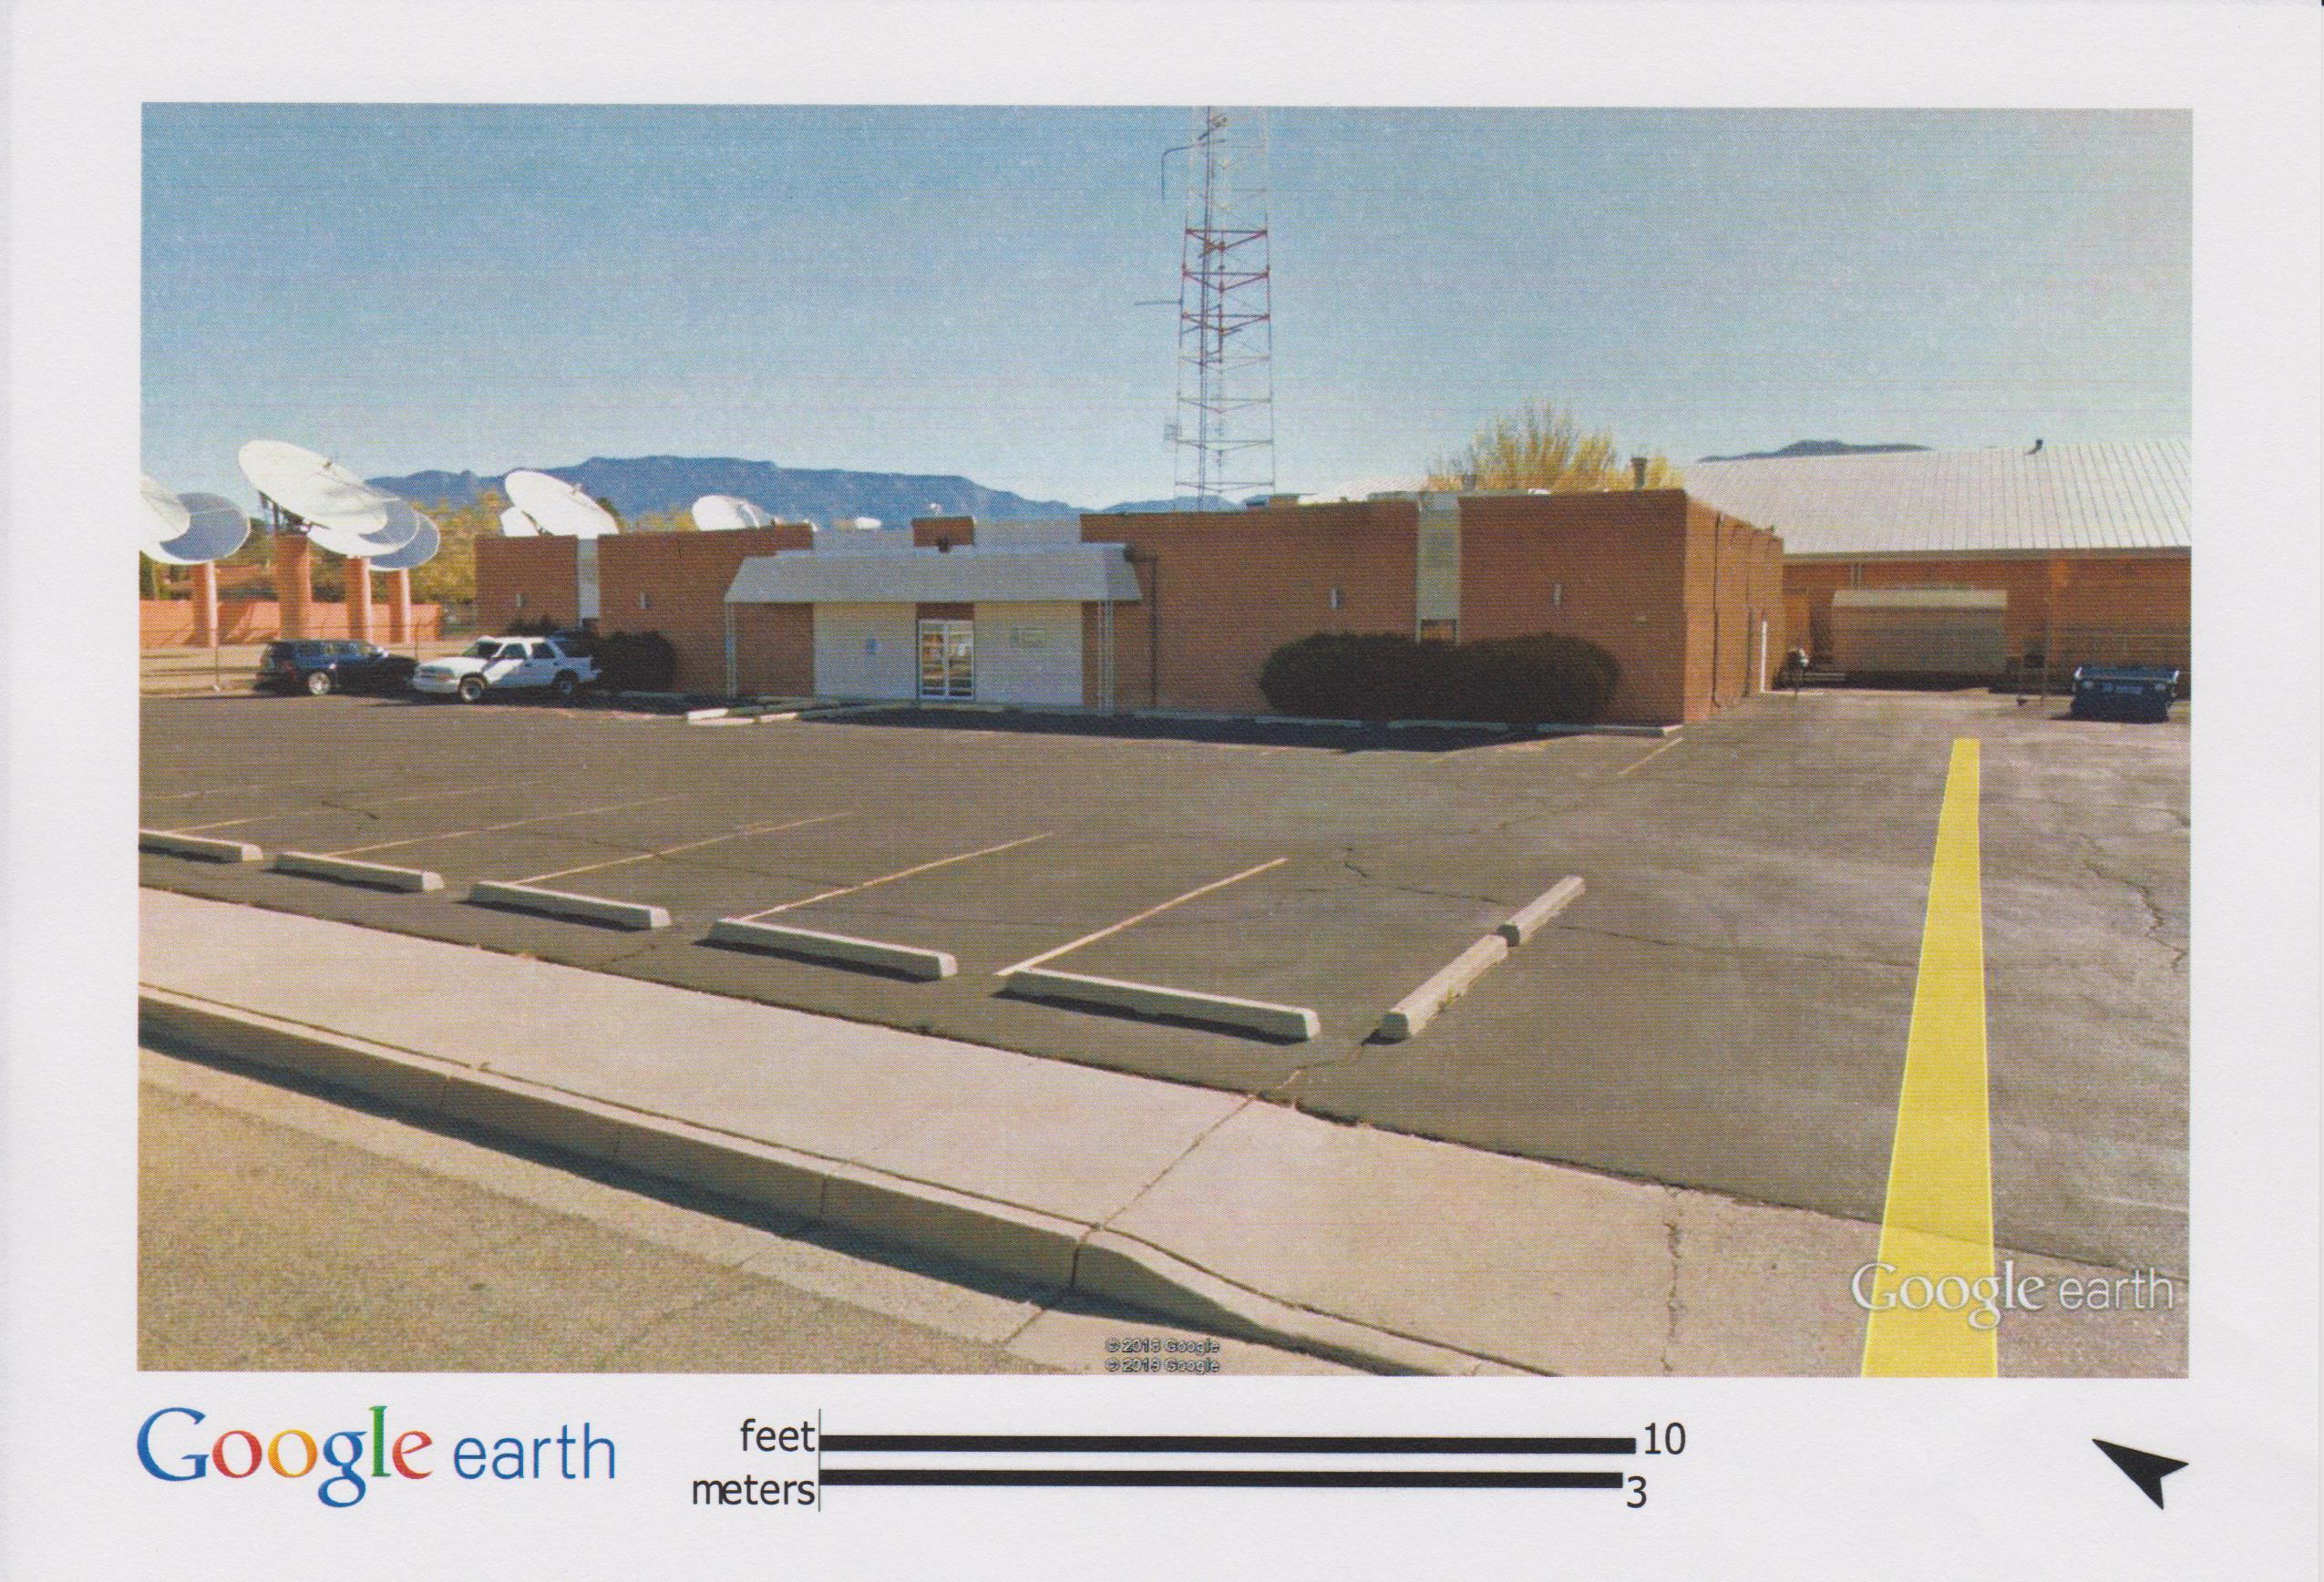 2620 Rhode Island Street NE, Albuquerque, NM 87110 - Albuquerque, NM real estate listing